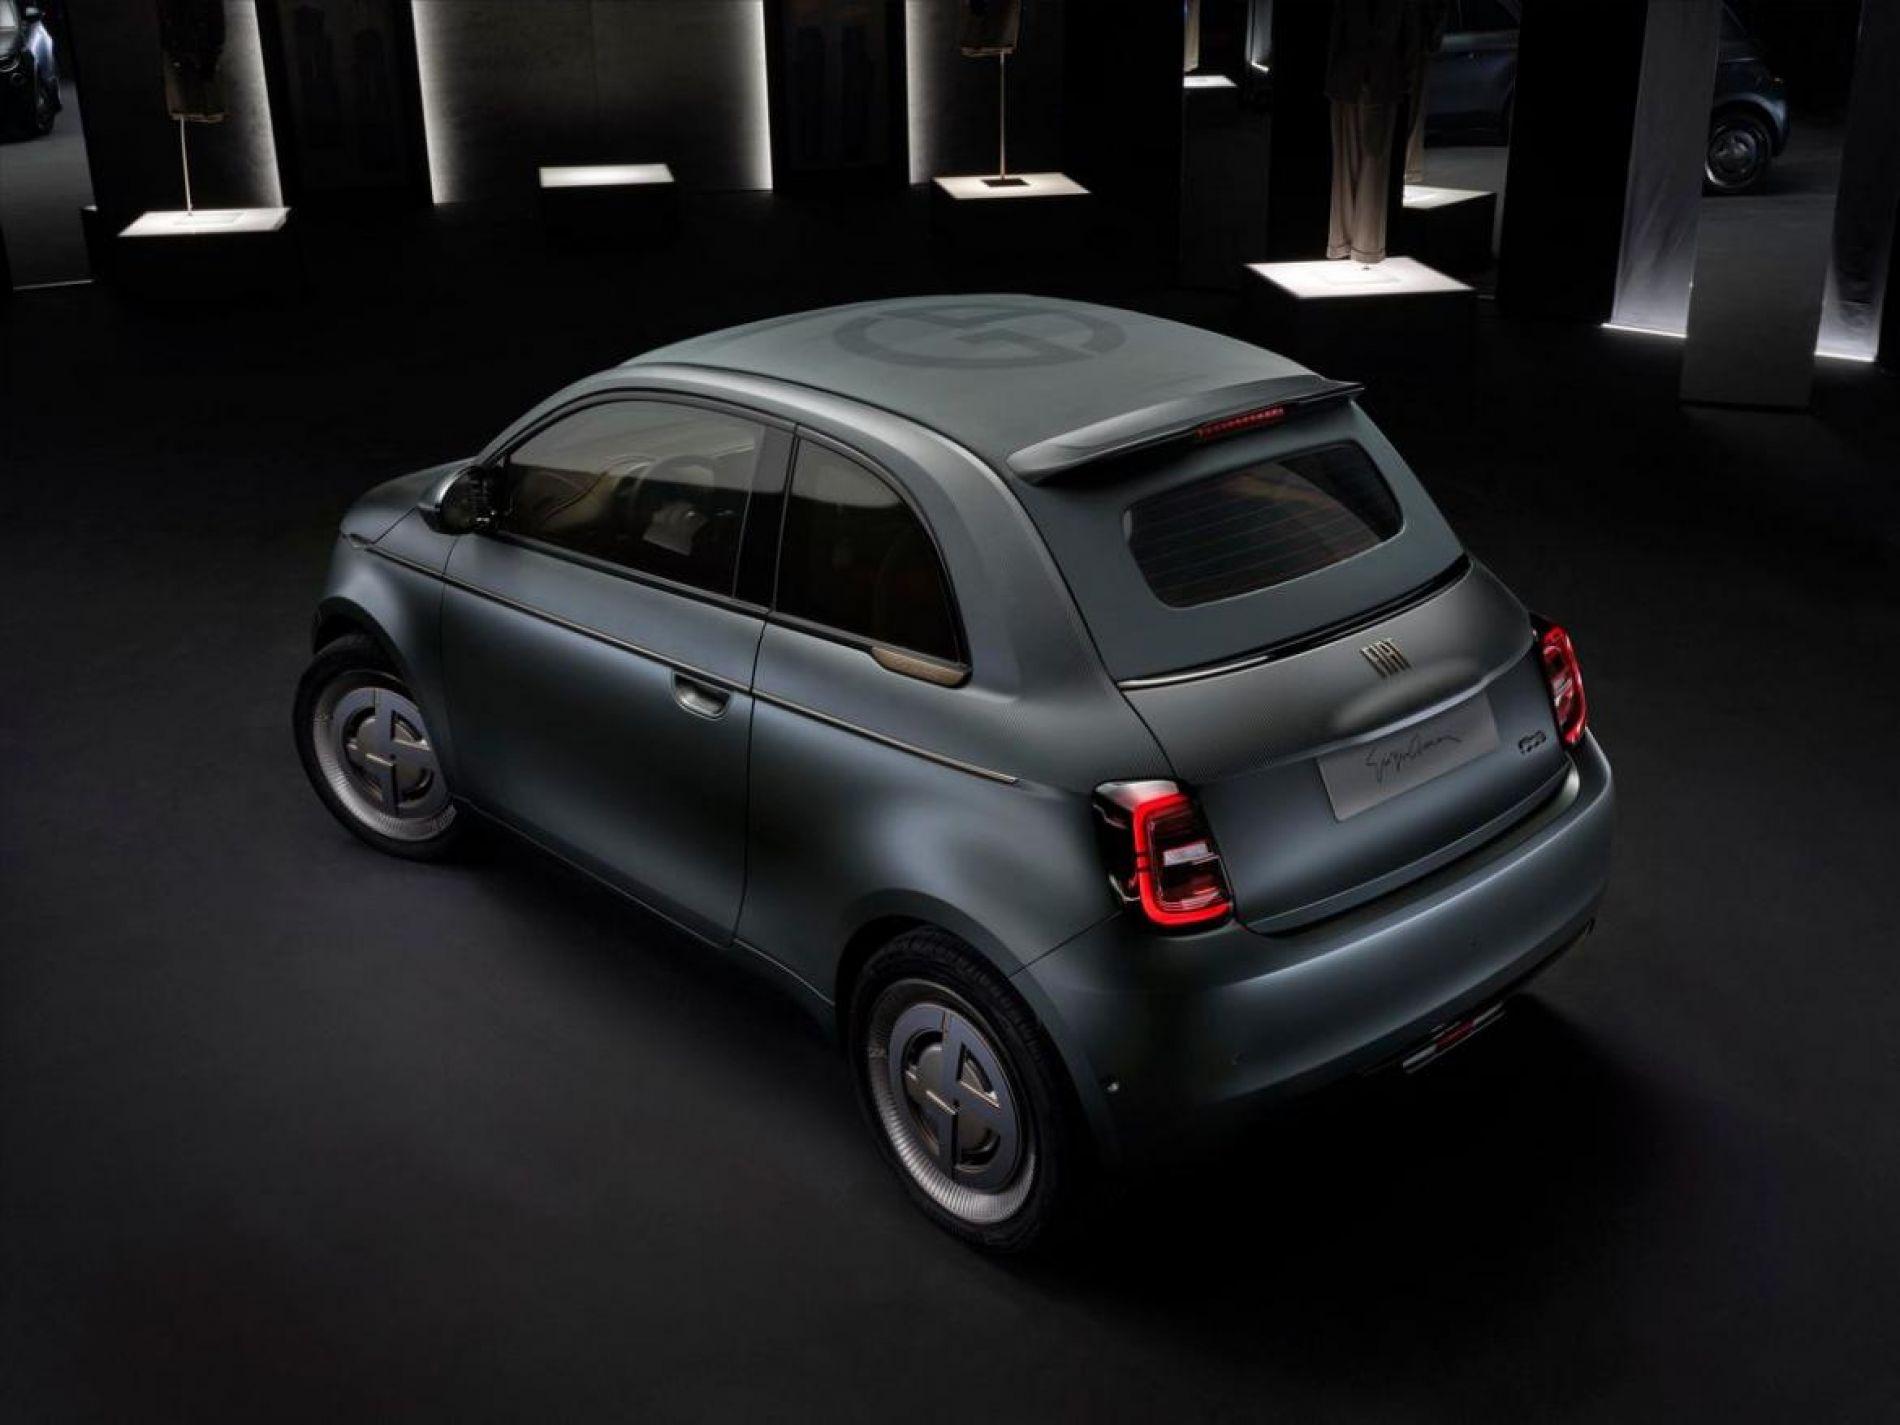 Fiat 500e designed by Giorgio Armani